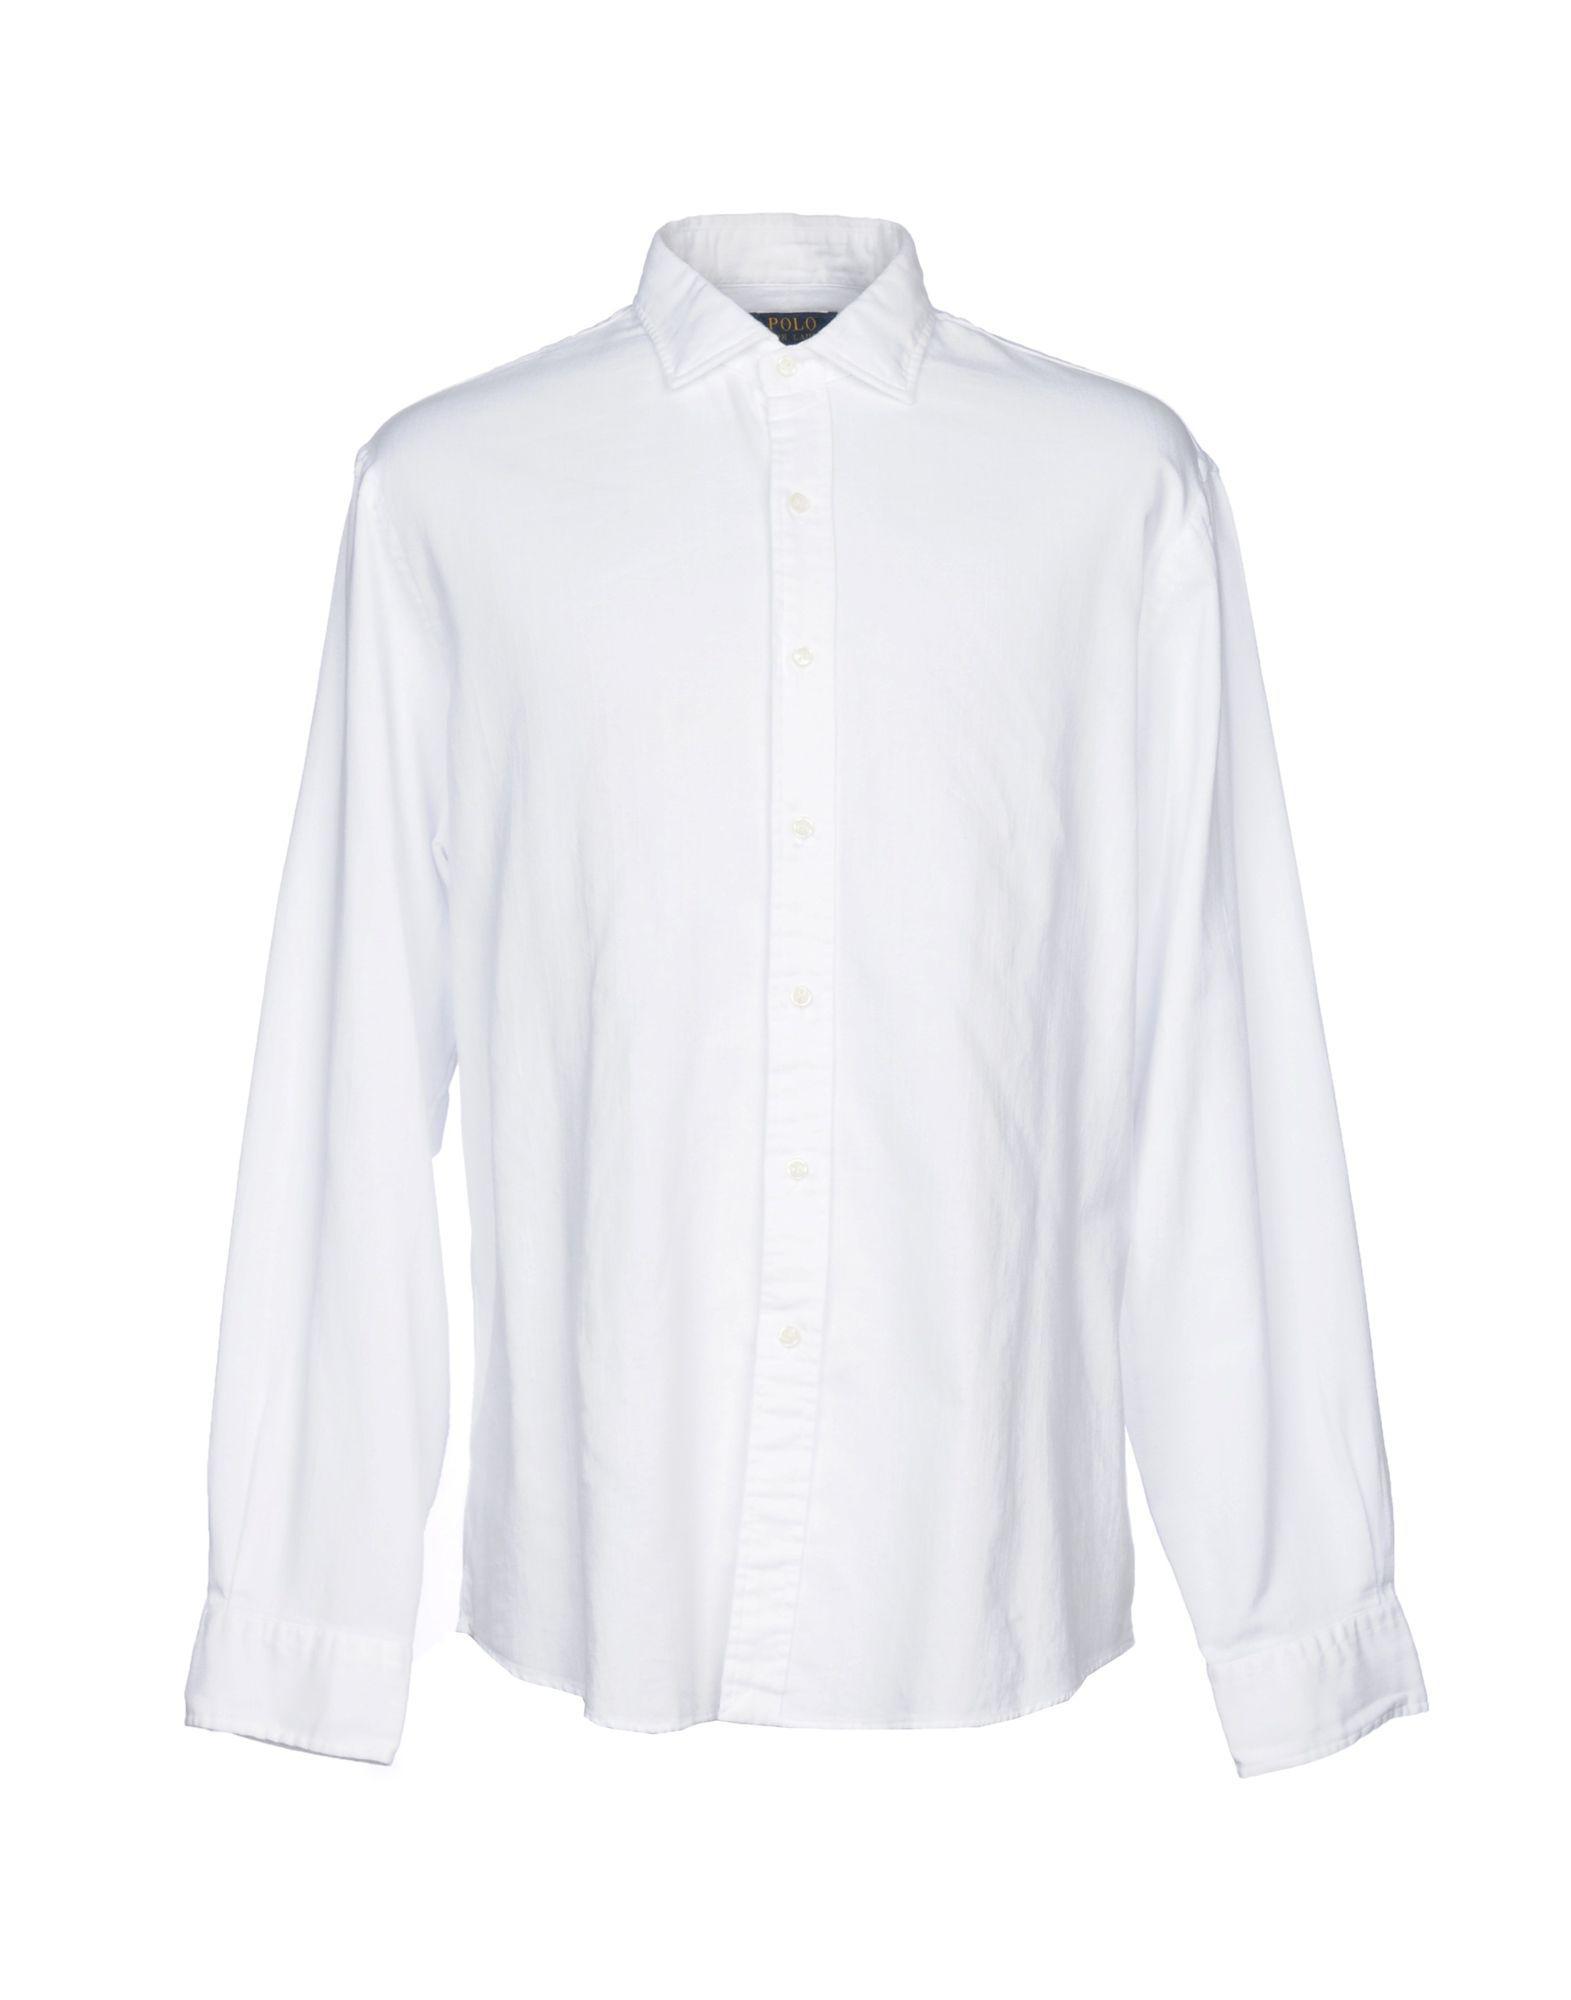 Coloris Blanc Polo Lauren Chemise Lyst 1 Pour Ralph Homme En Yby7f6g